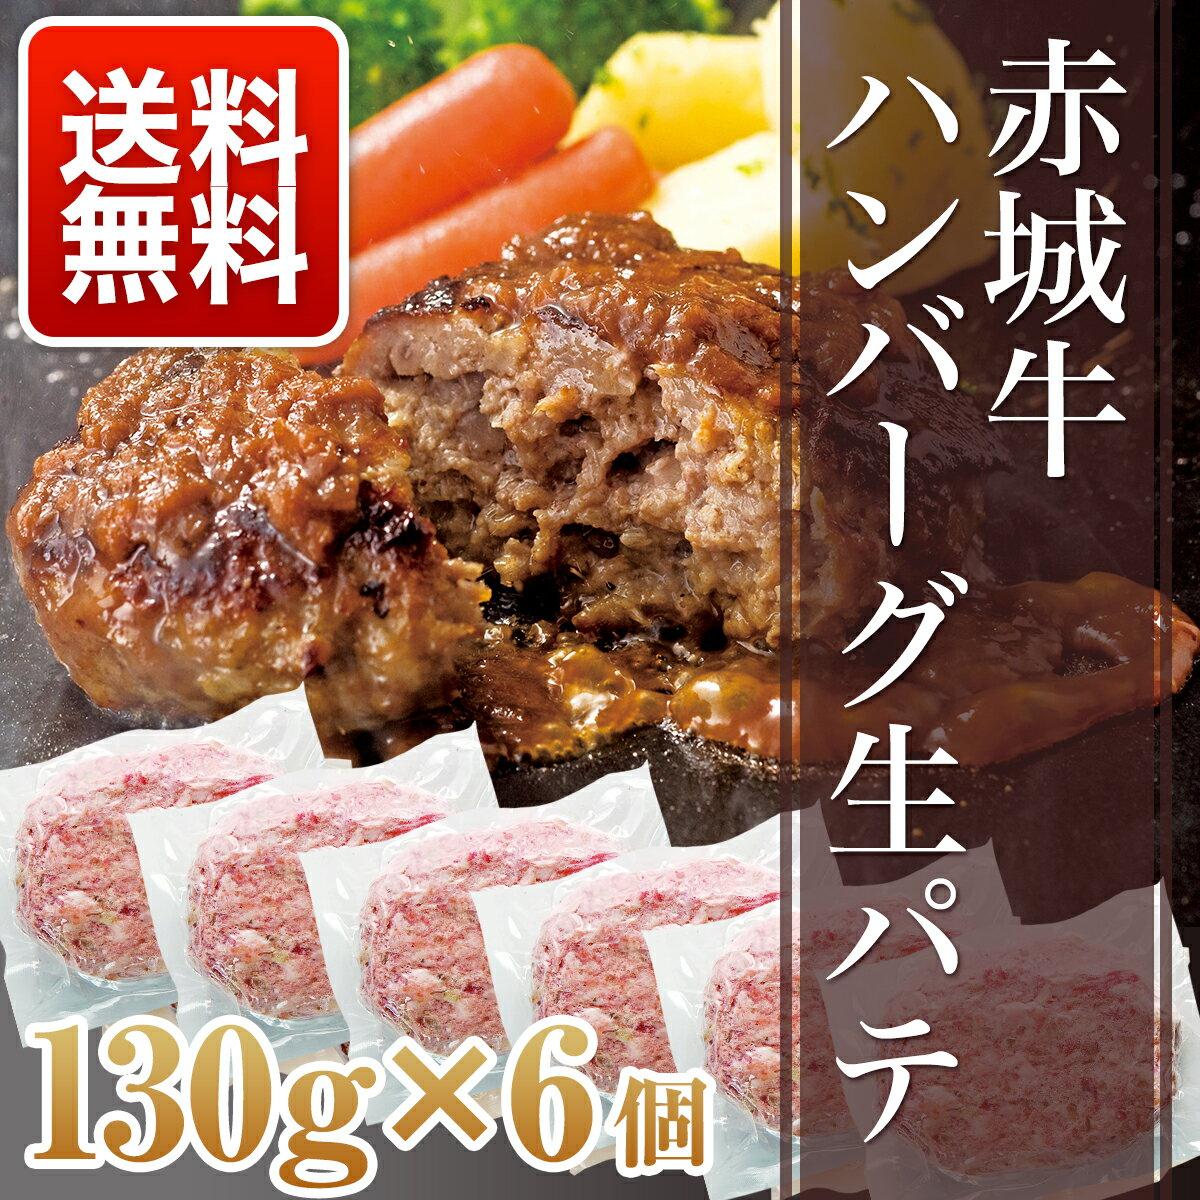 【初回限定】赤城牛ハンバーグ 生パテ 6個セット